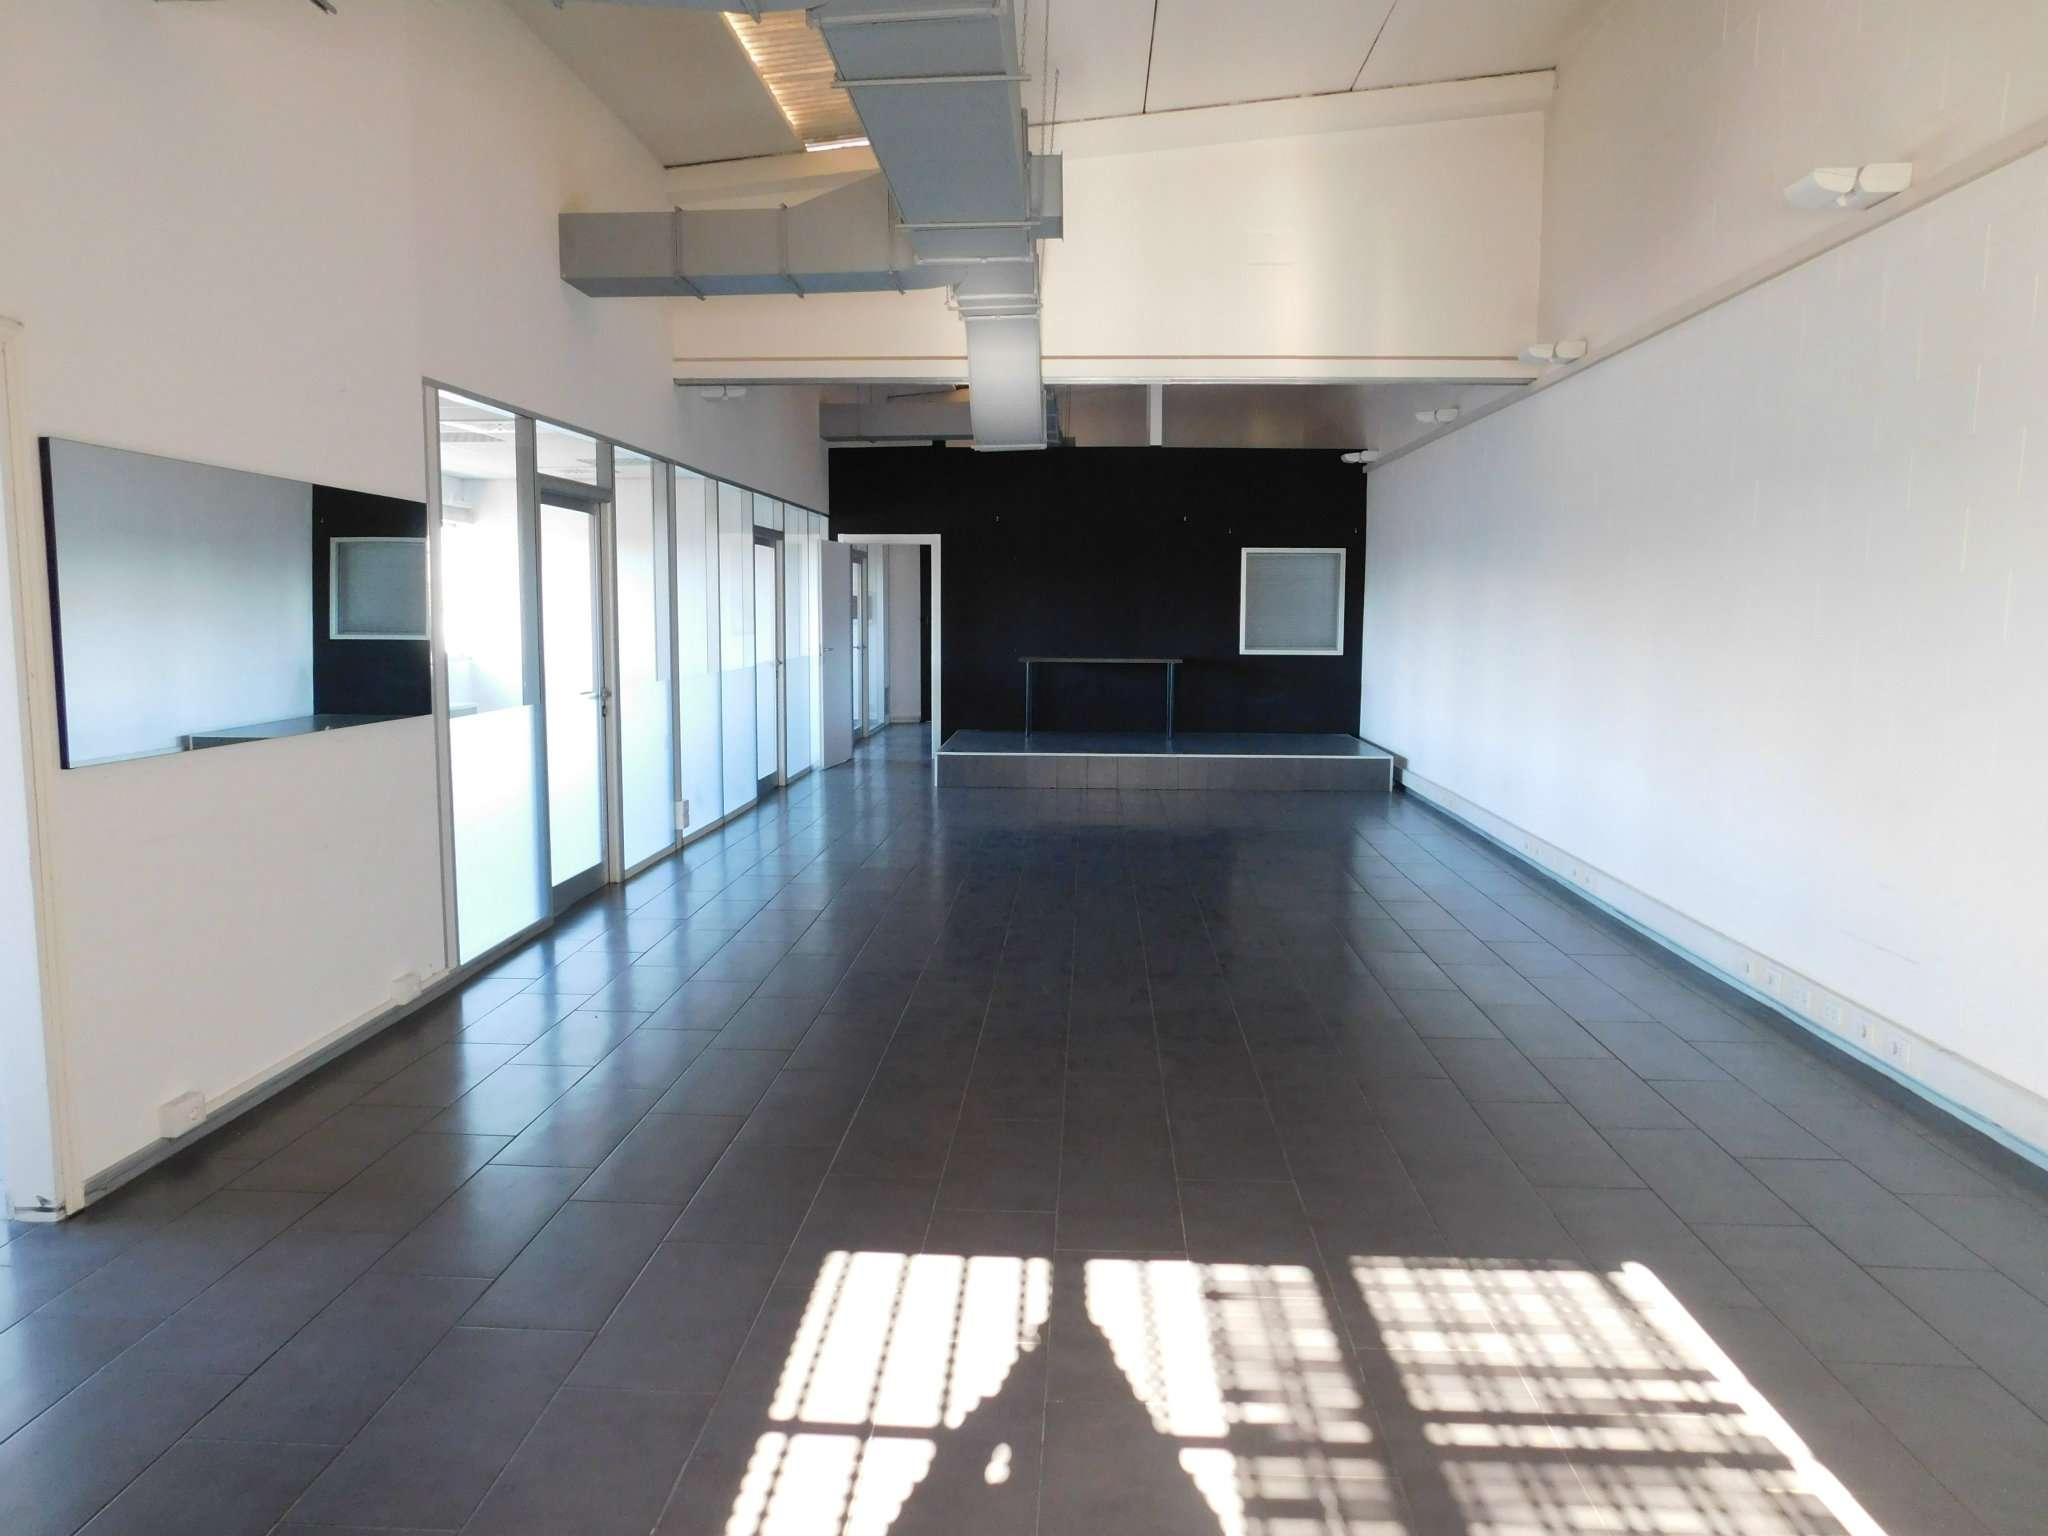 Ufficio / Studio in vendita a Trezzano sul Naviglio, 9999 locali, prezzo € 153.000 | Cambio Casa.it